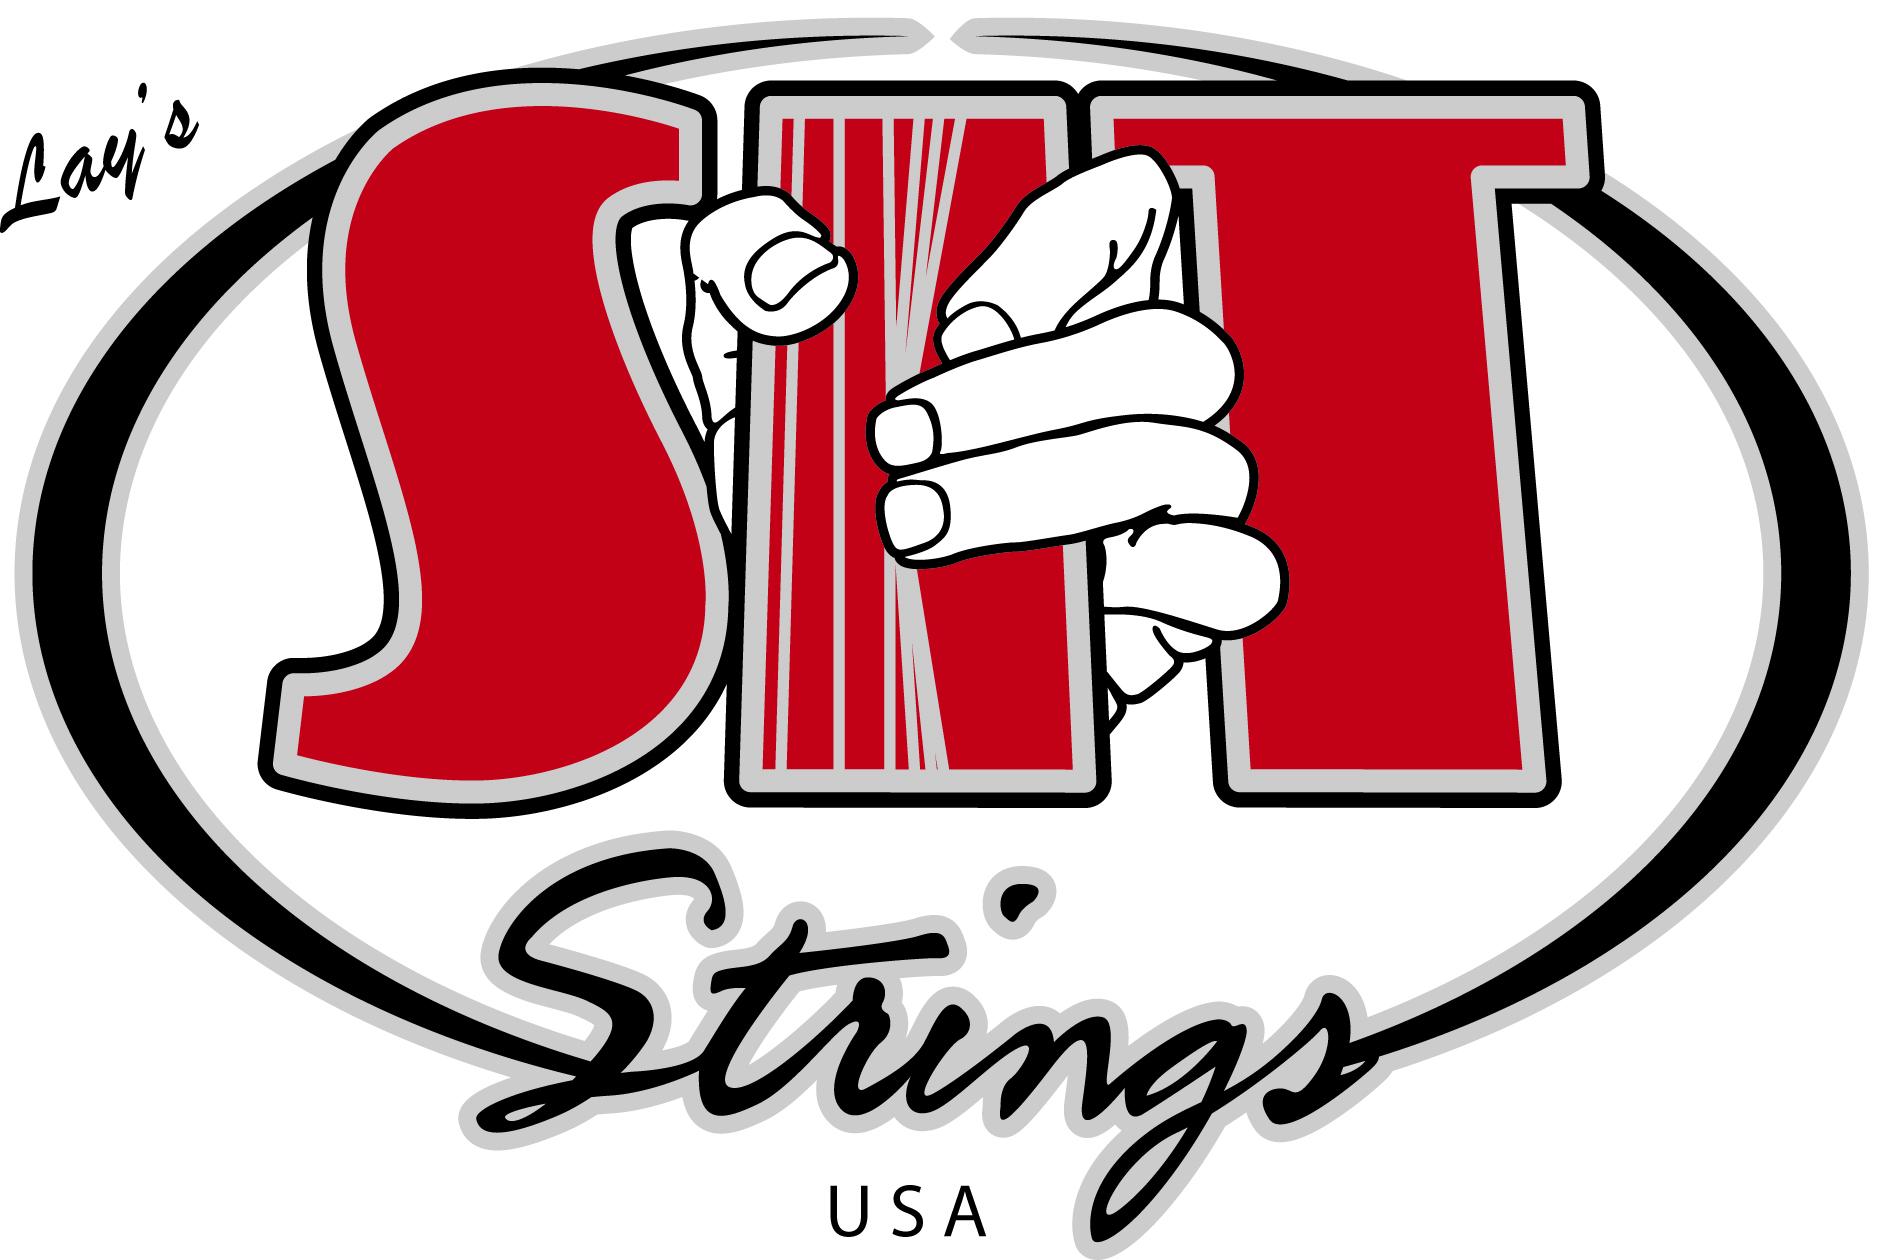 S.I.T. STRINGS